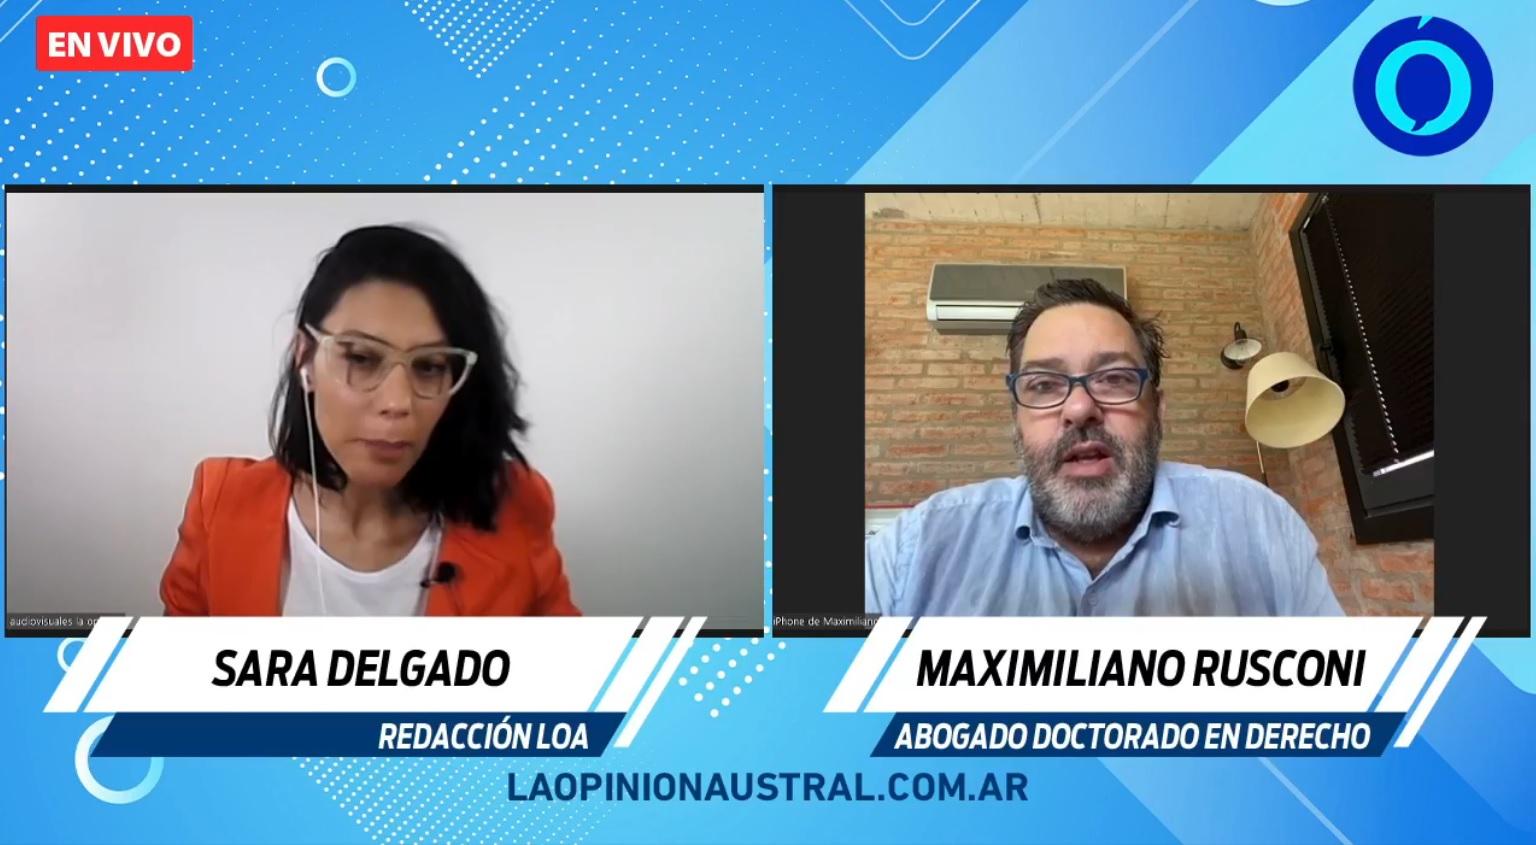 Entrevista exclusiva de La Opinión Austral al abogado Maximiliano Rusconi